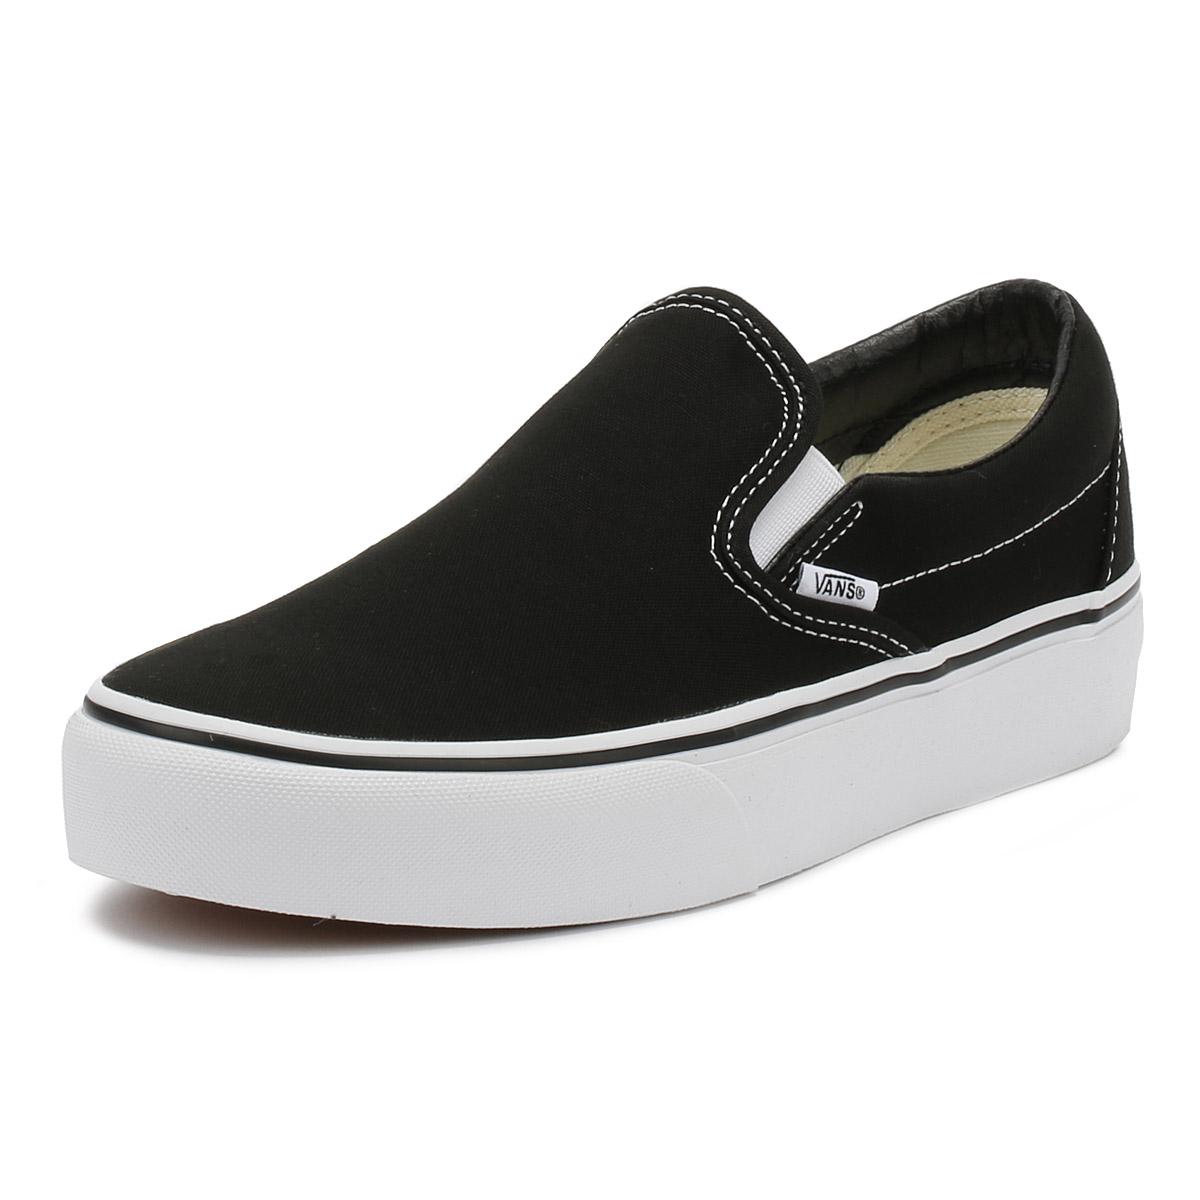 Details about Vans Womens Trainers Black Classic Slip On Platform Ladies  Sport Casual Shoes e4bca8a70